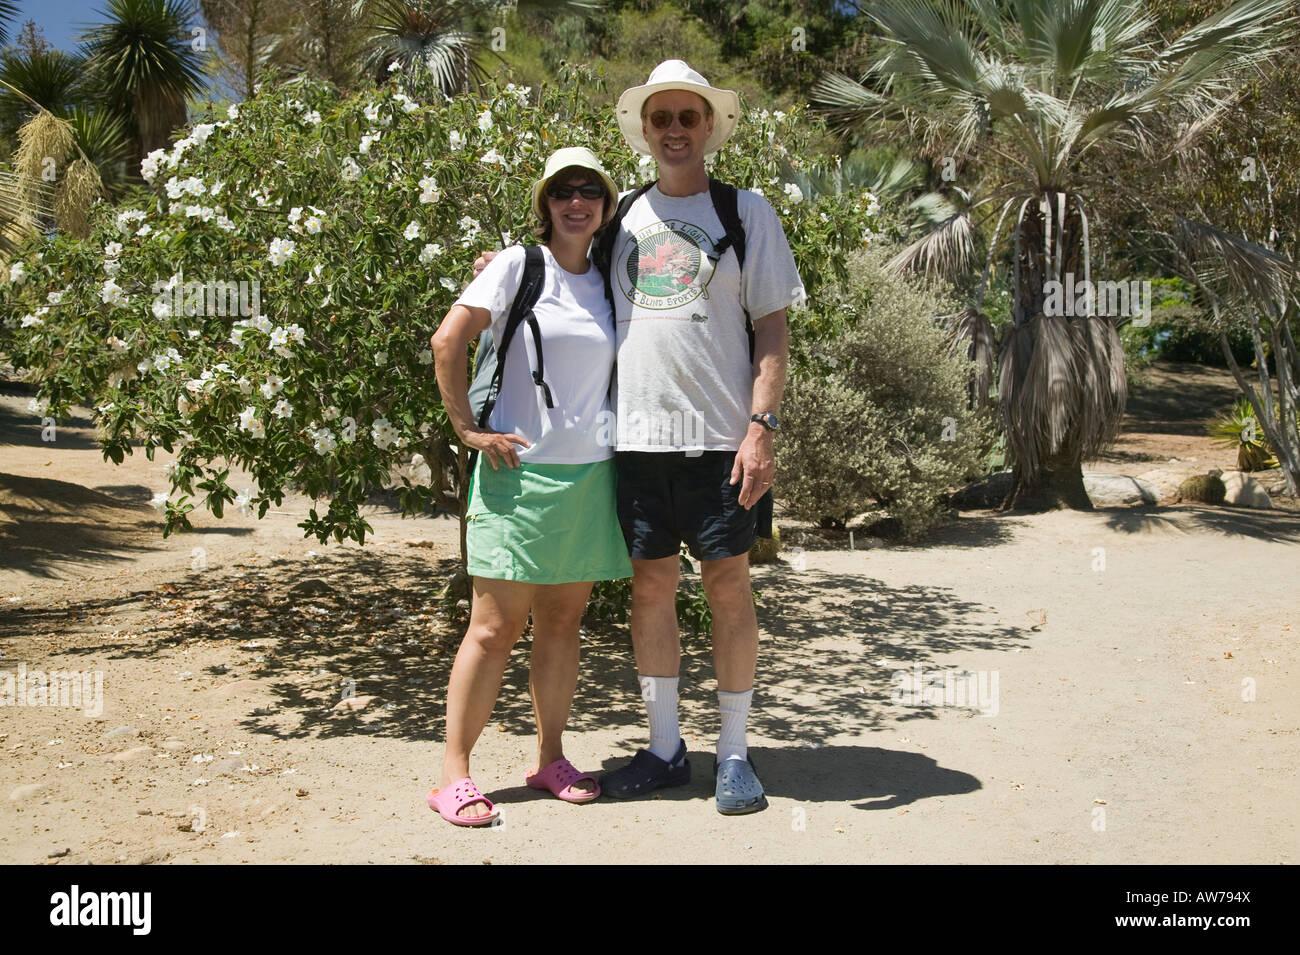 Matura in giardino deserto Balboa Park, San Diego, California, Stati Uniti d'America Immagini Stock